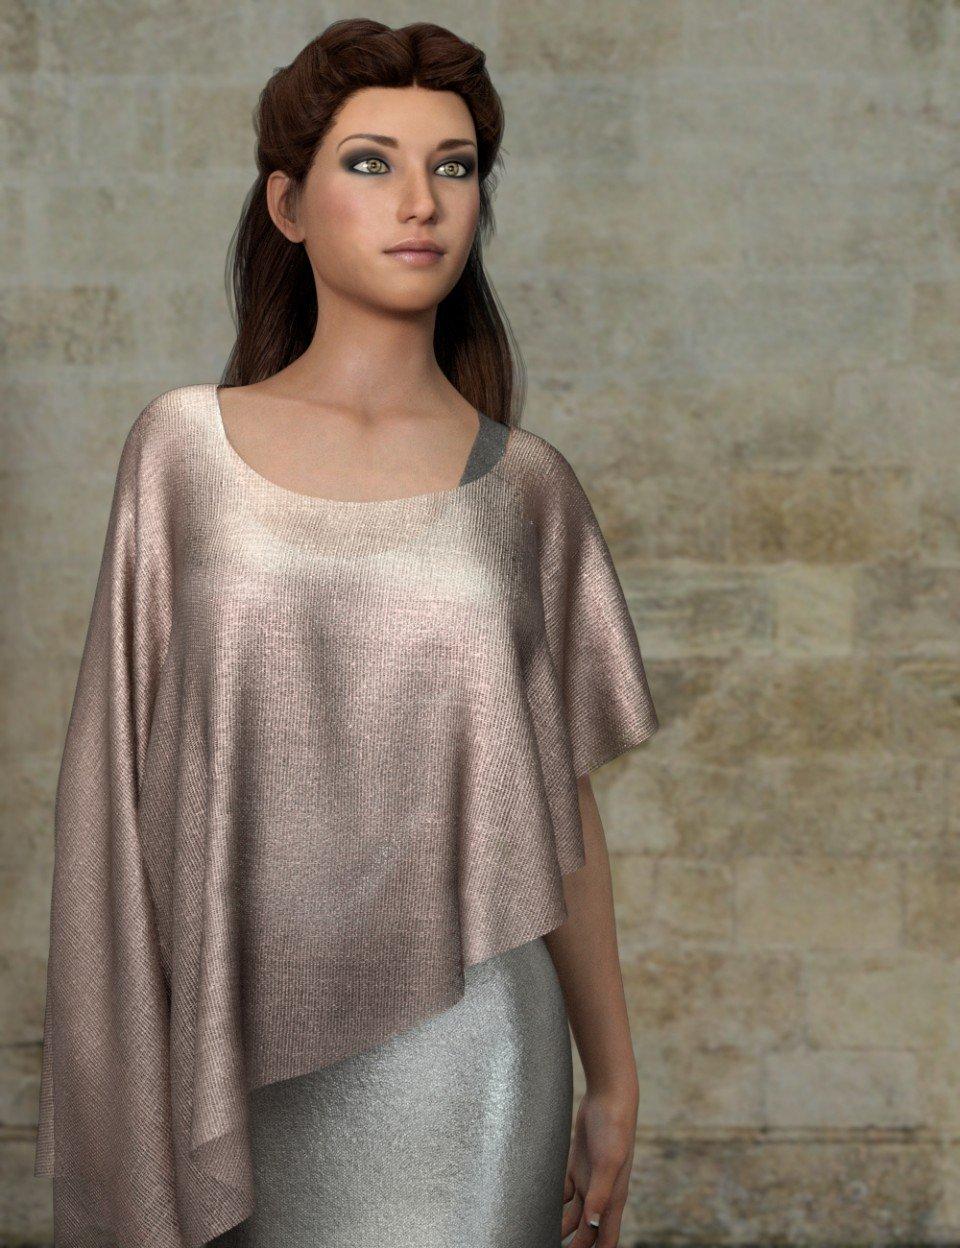 Sheer Metalic Fabrics for Iray_DAZ3D下载站